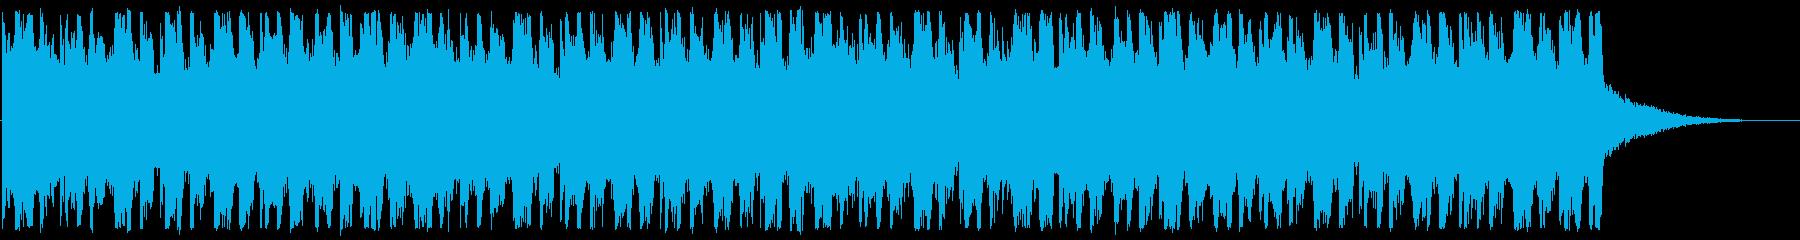 疾走感/情緒的/ハウスロック_474_4の再生済みの波形